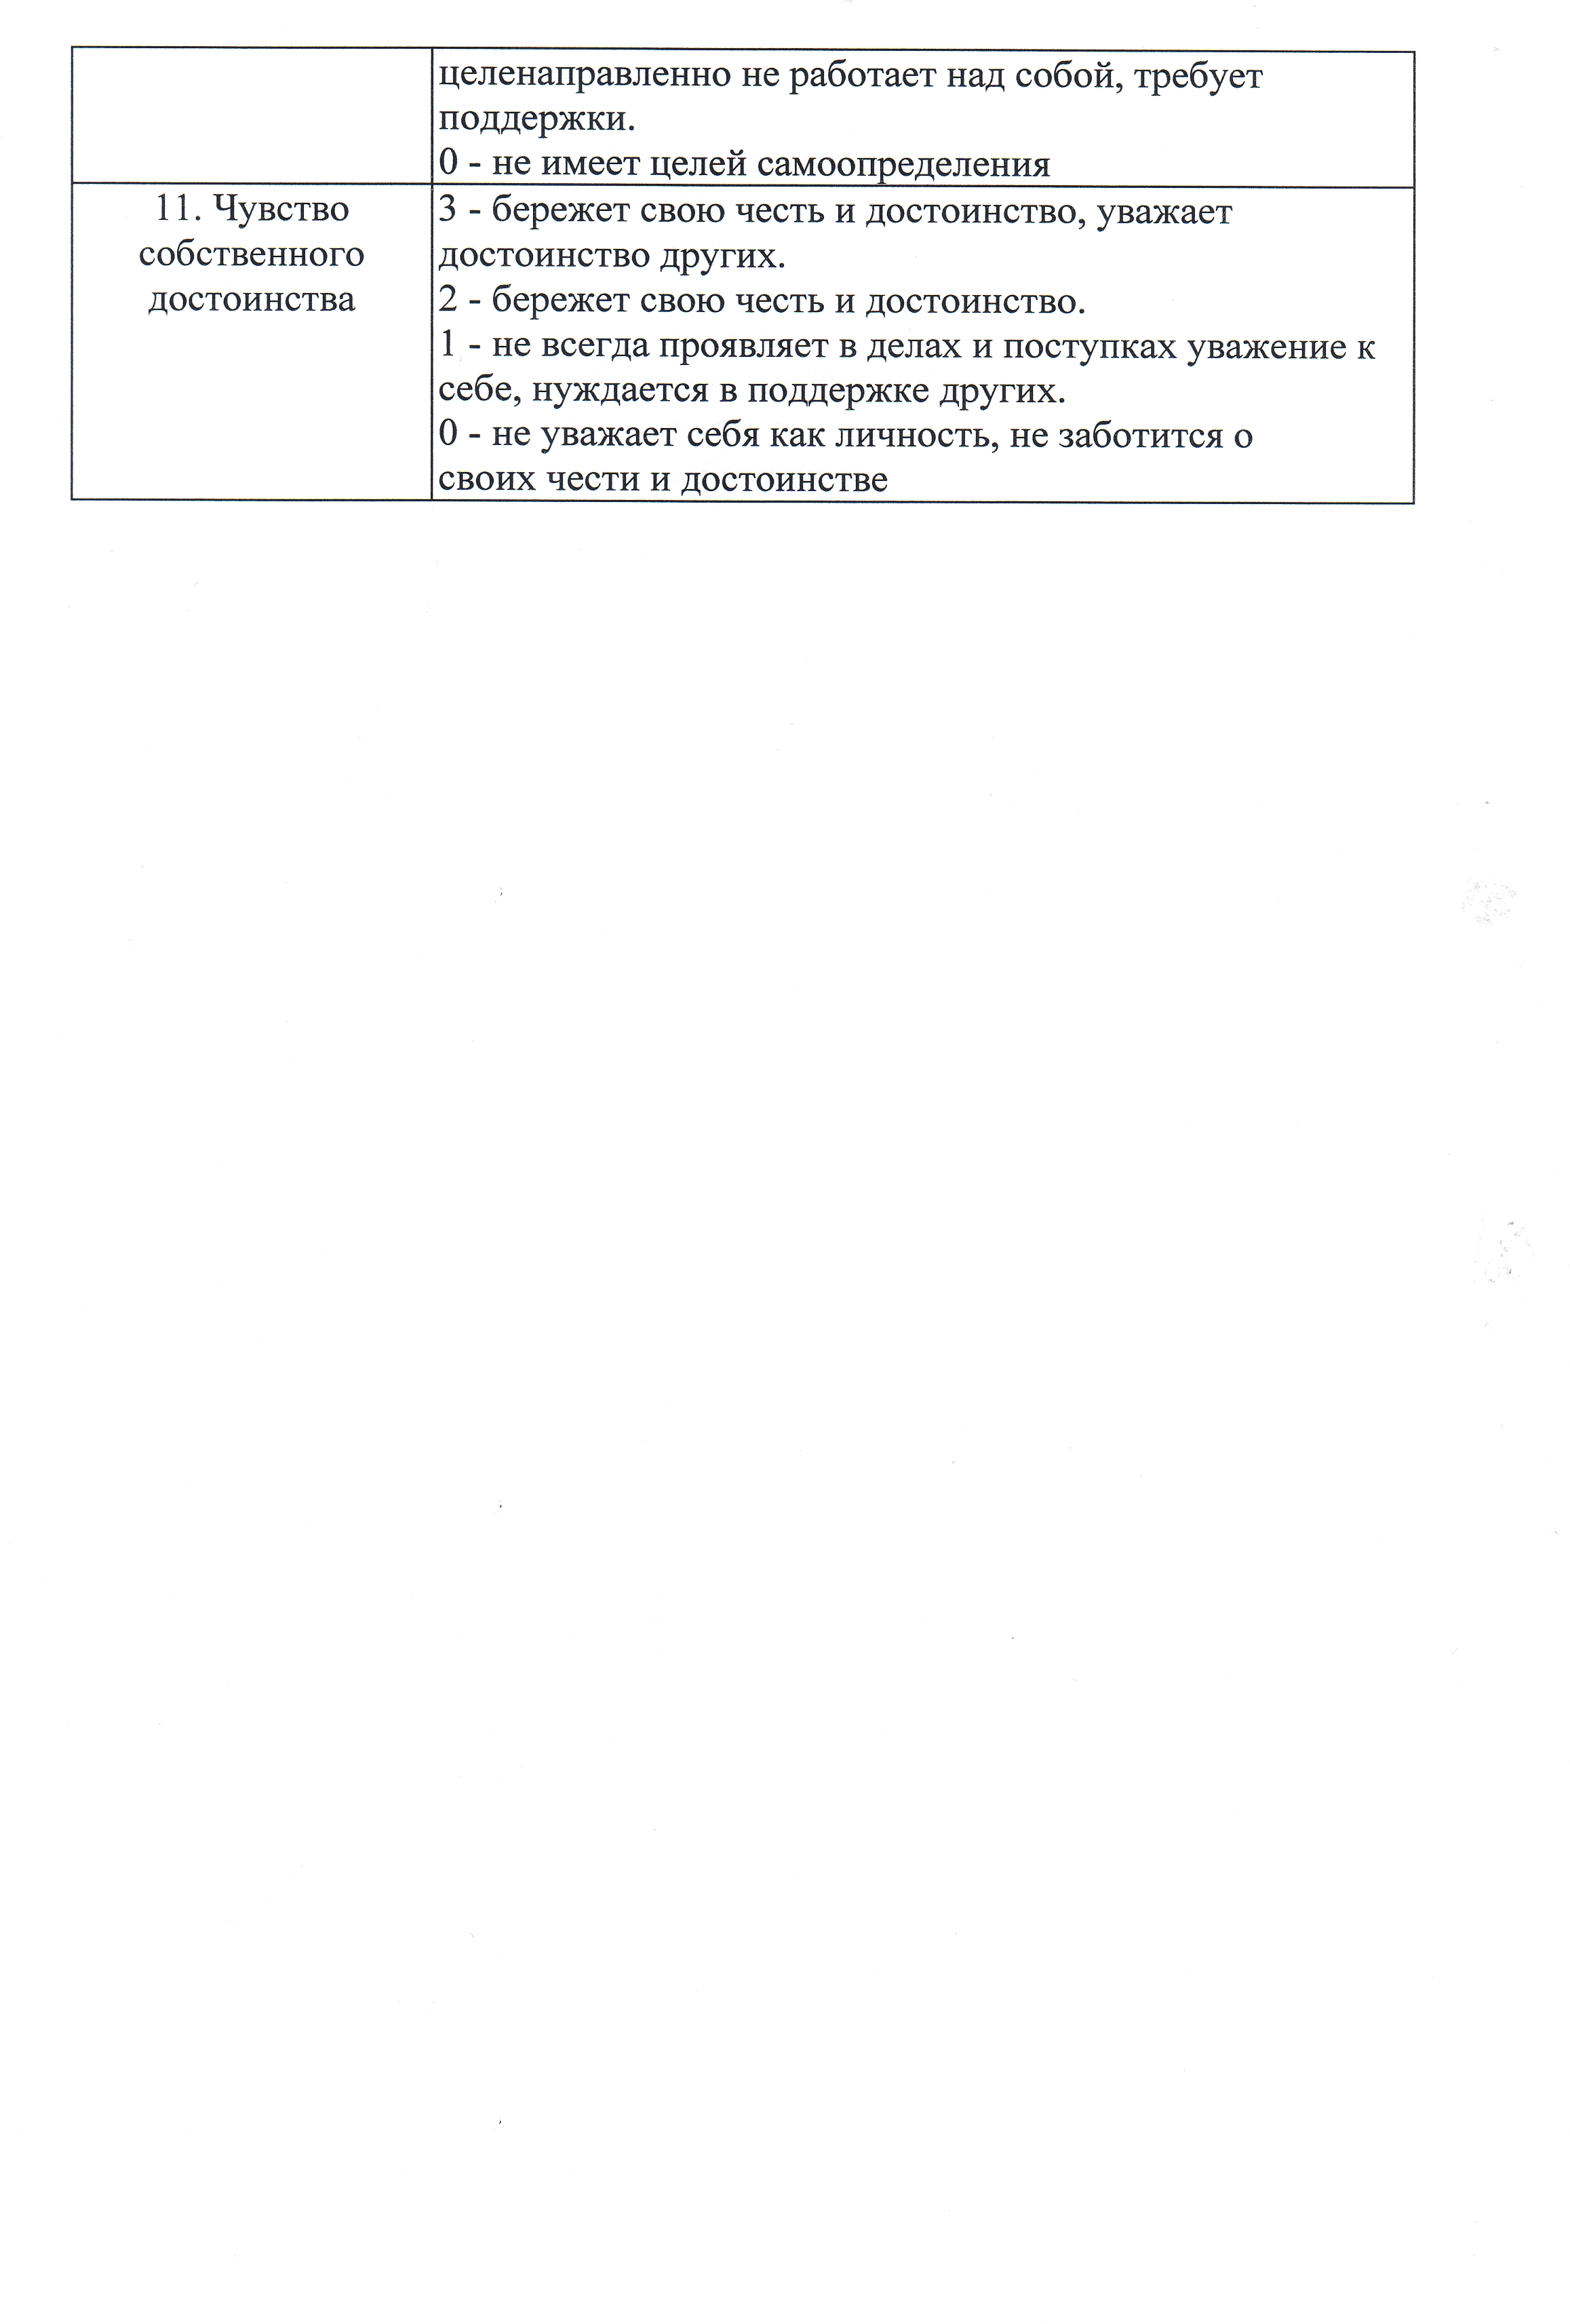 Приложение 8 (7)